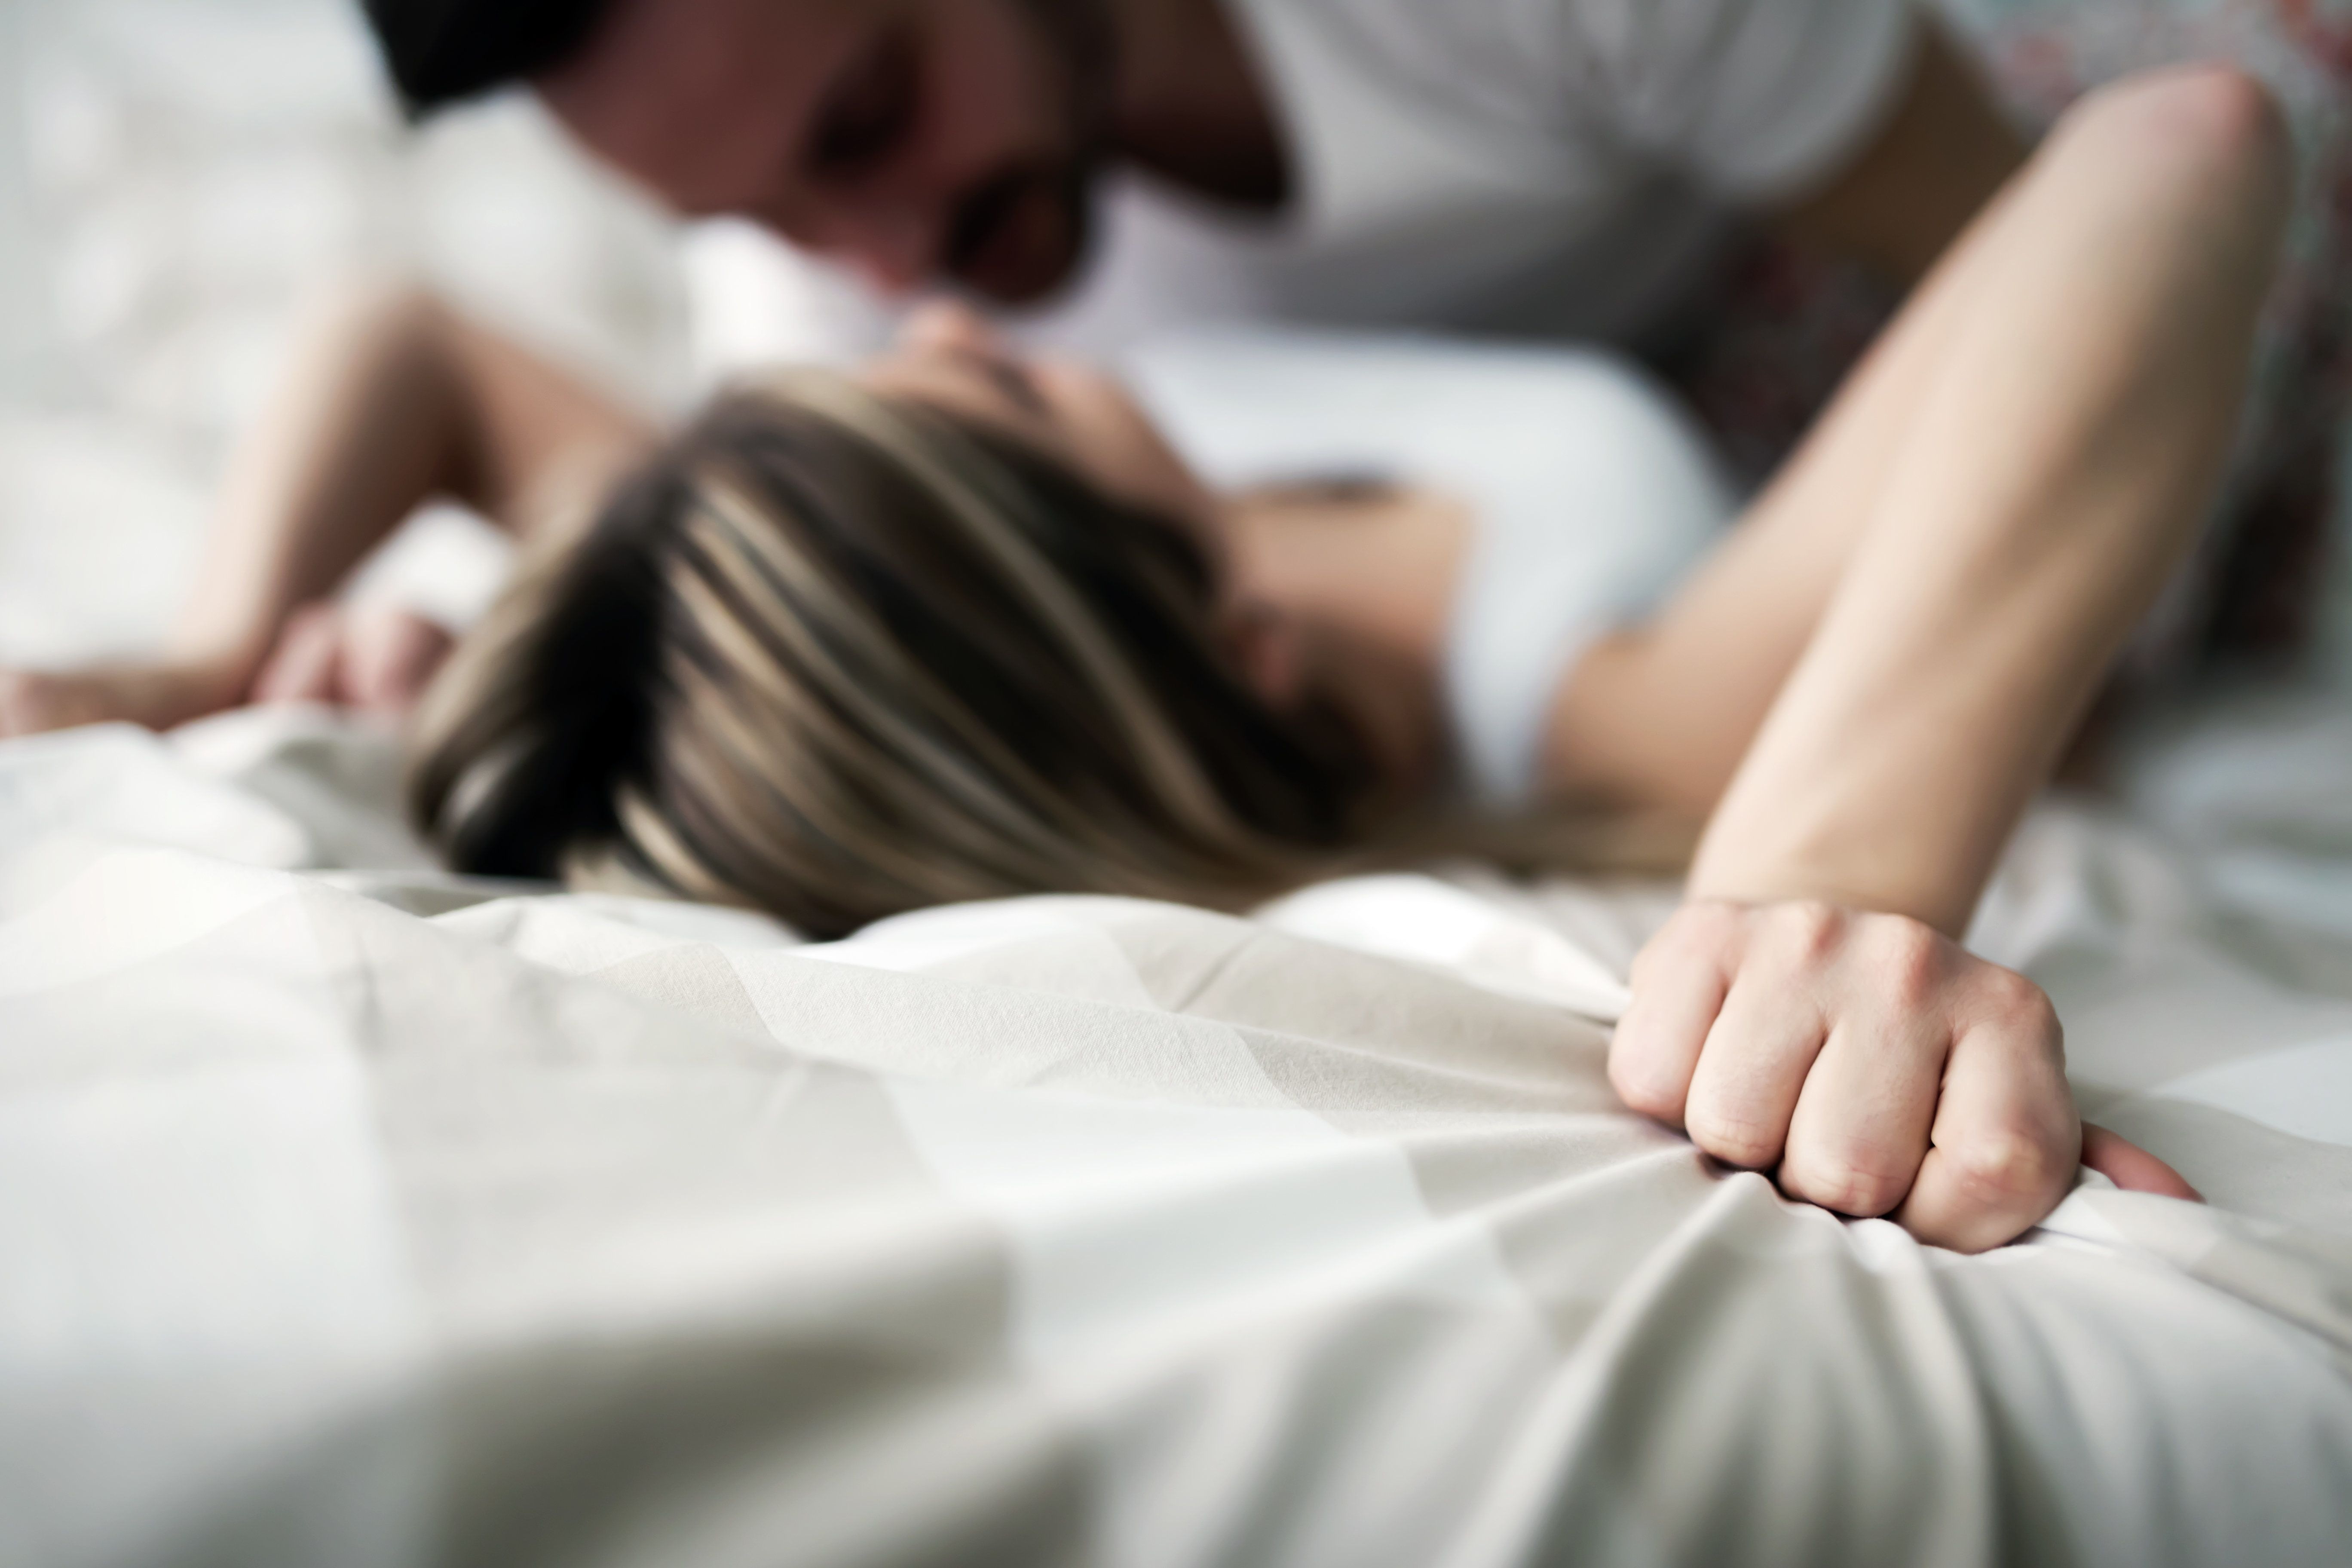 Während des Eisprungs fühlen sich Frauenstärker zu ihrem Partner hingezogen.